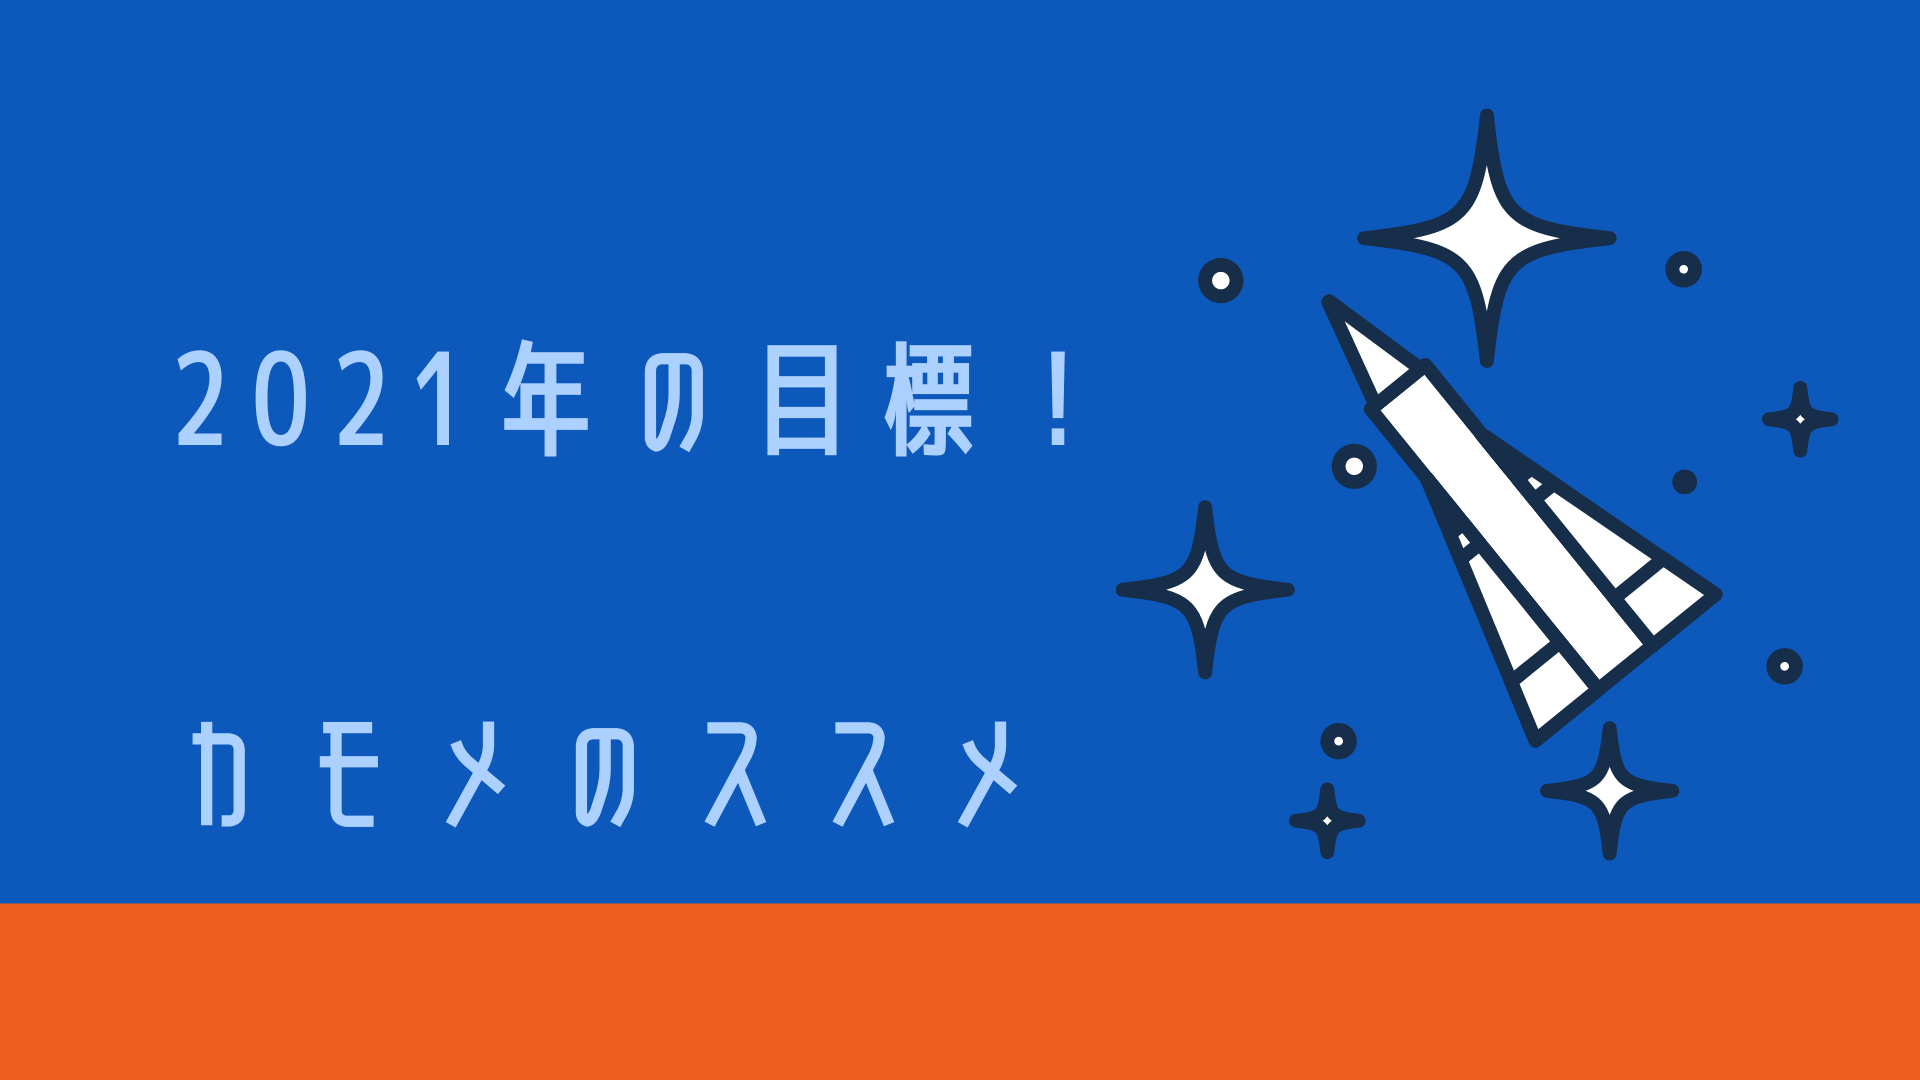 カモメのススメの2021年の目標